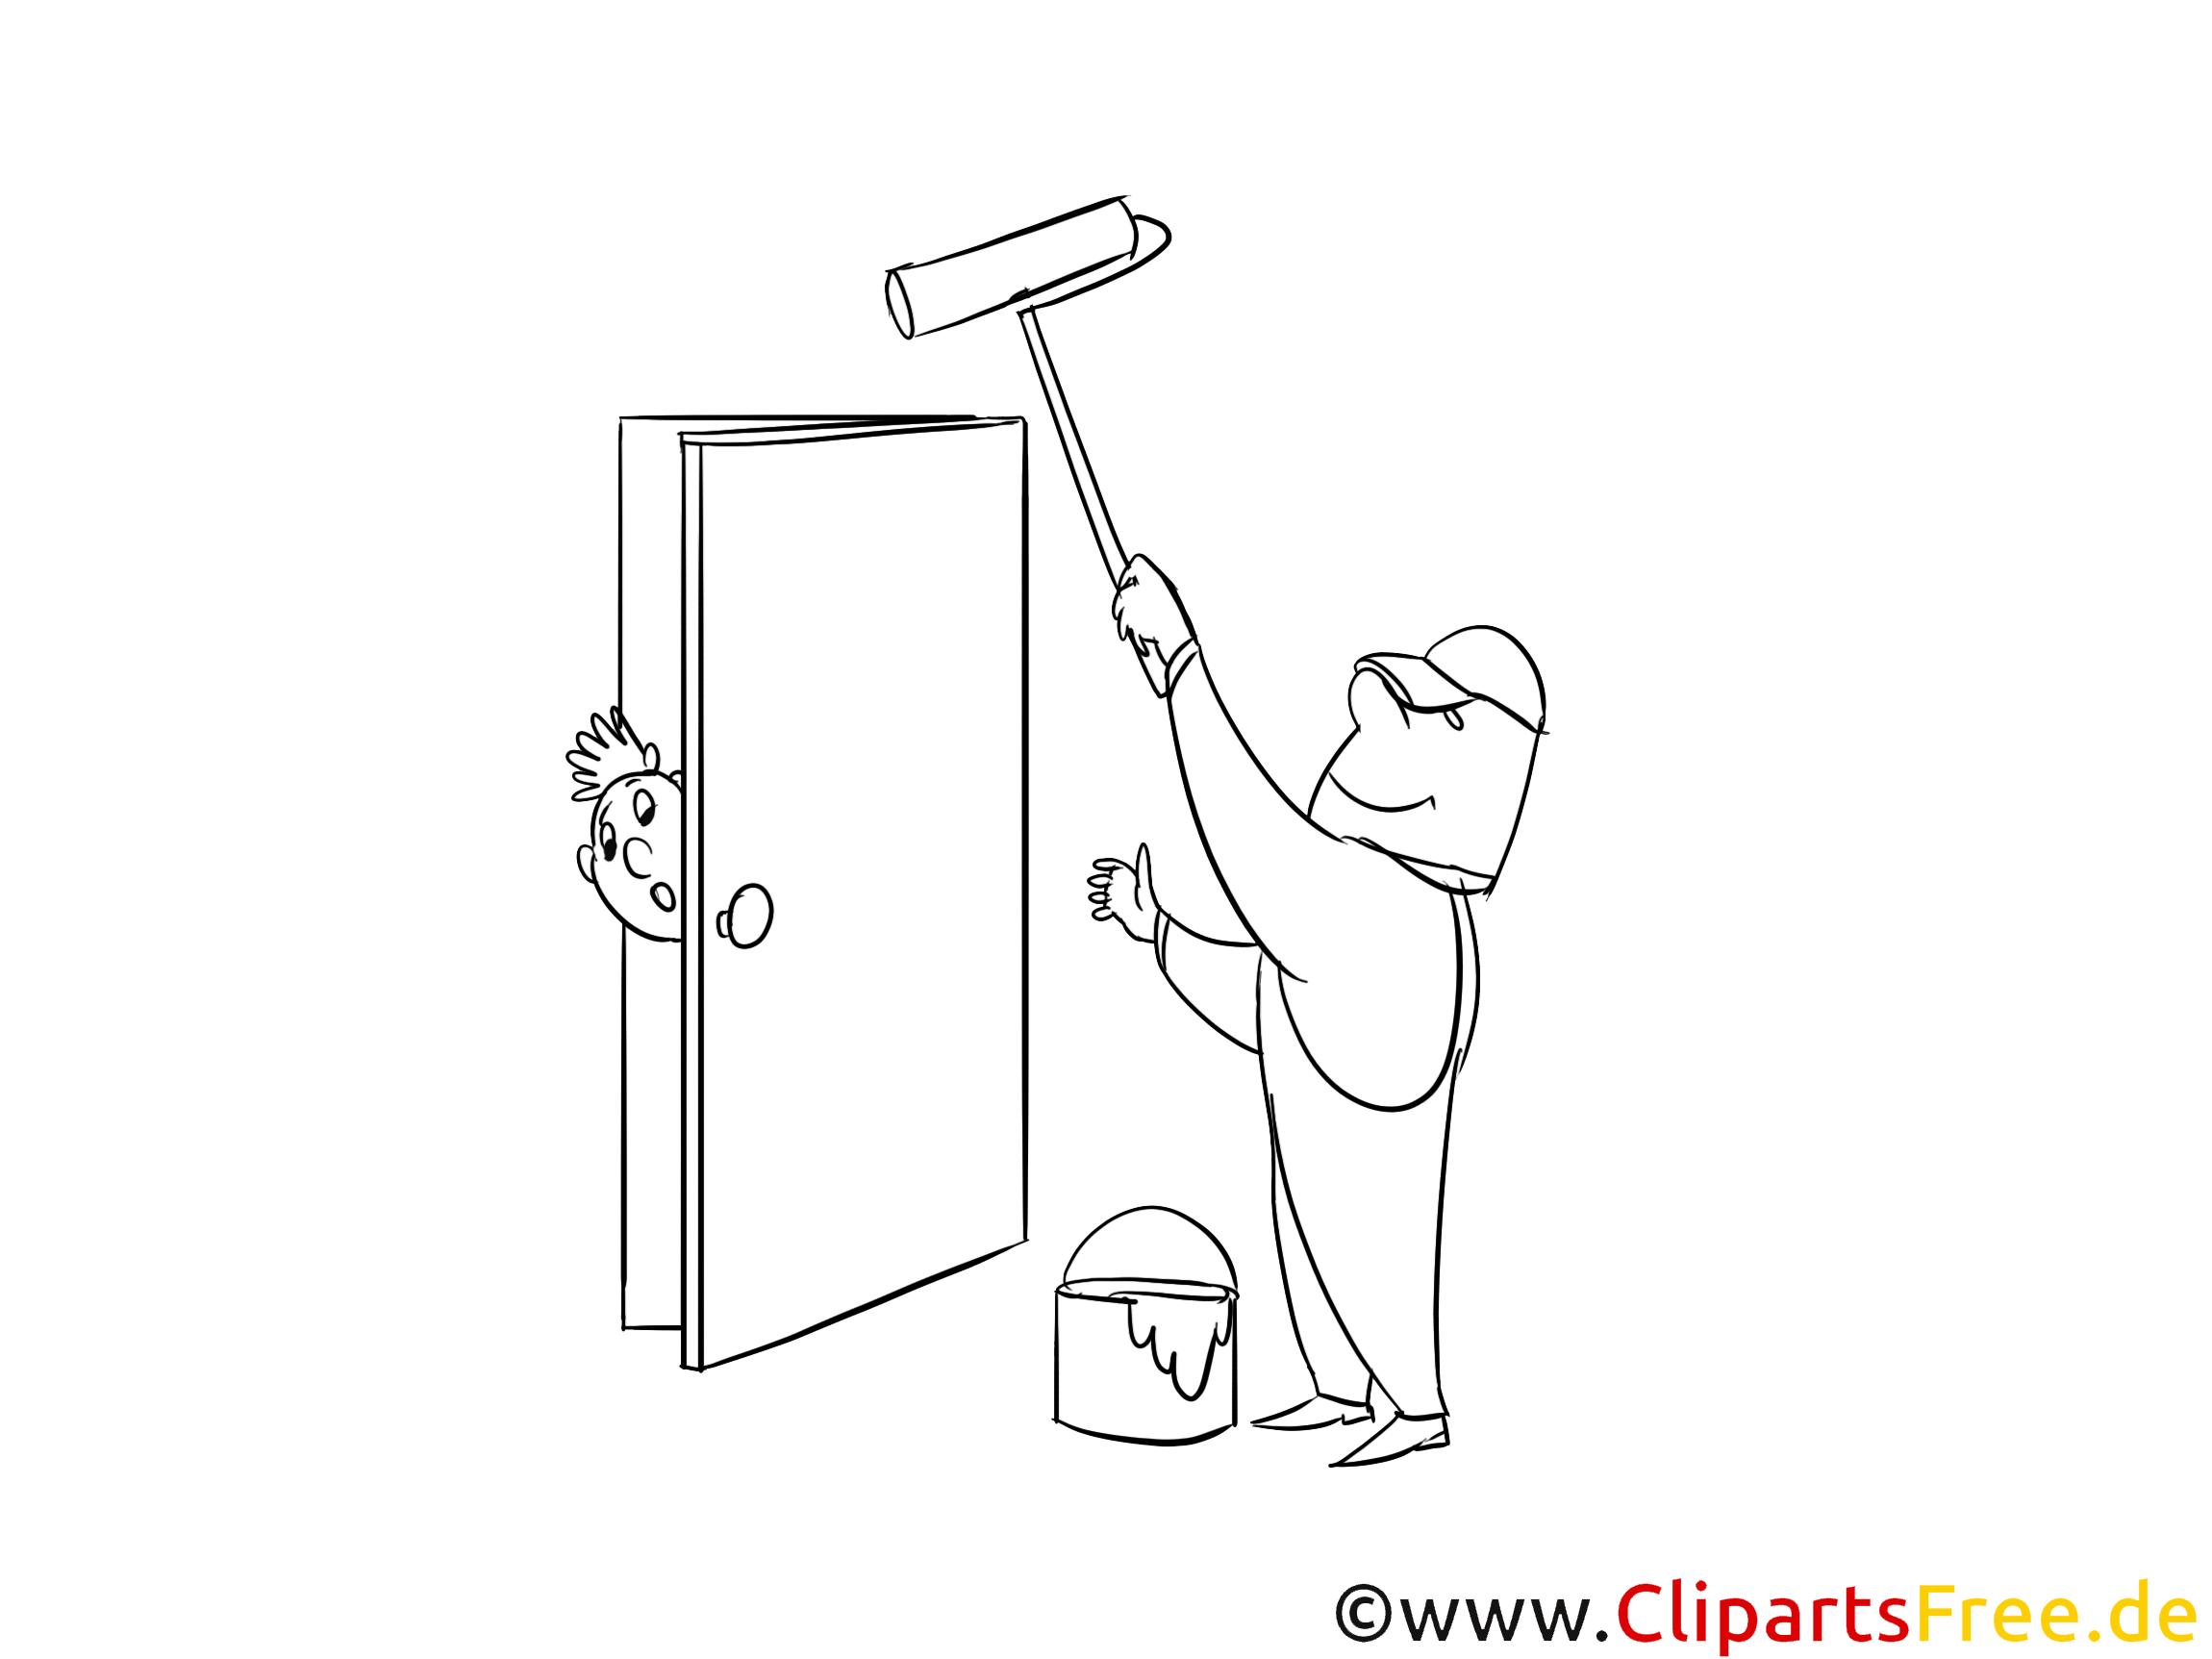 Cliparts gratuis peintre – Métiers à imprimer